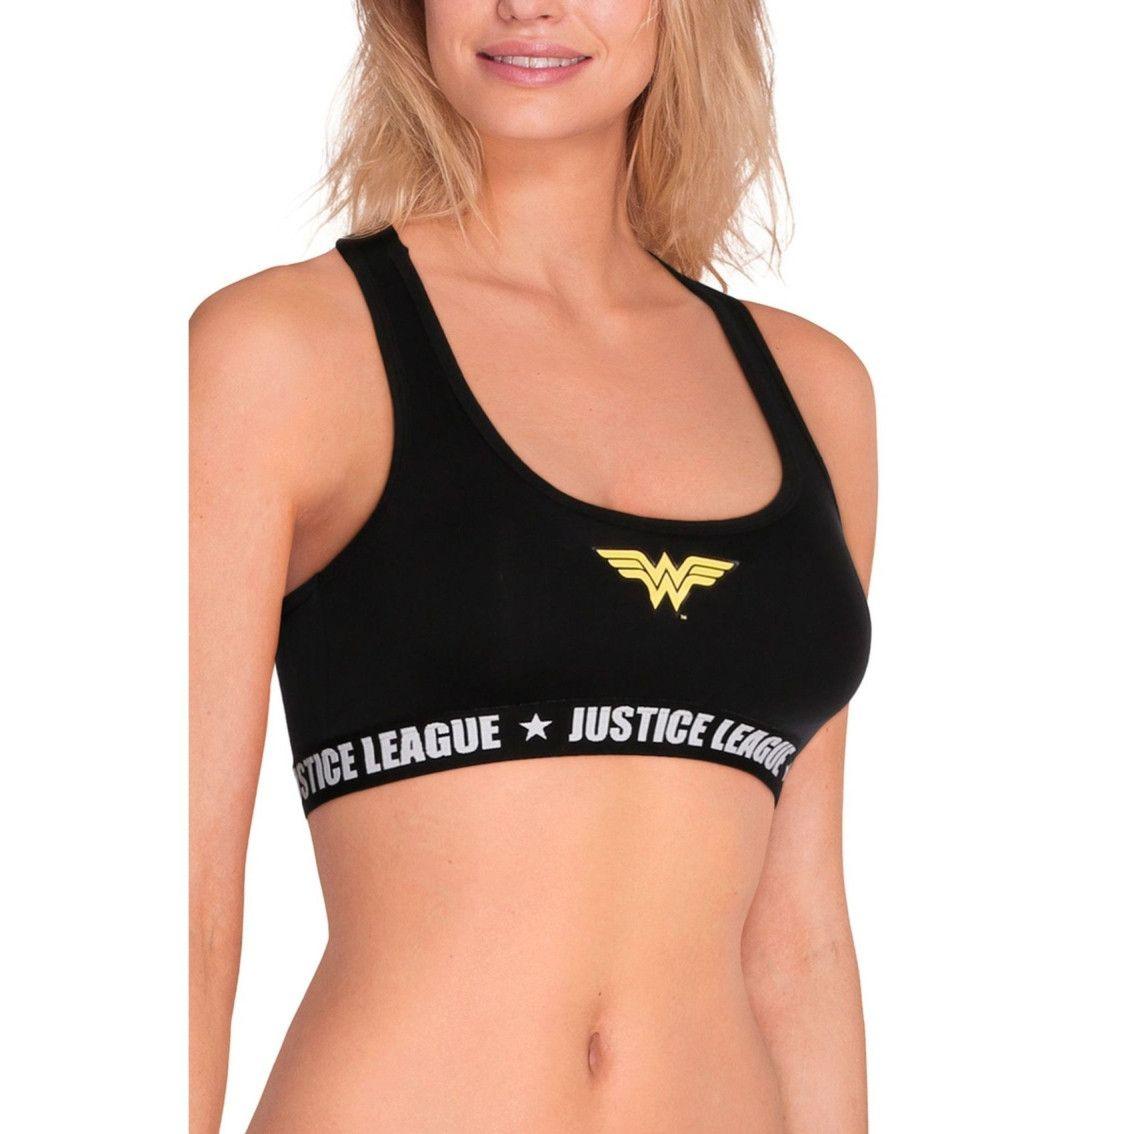 Brassière fille justice league wonderwoman (photo)